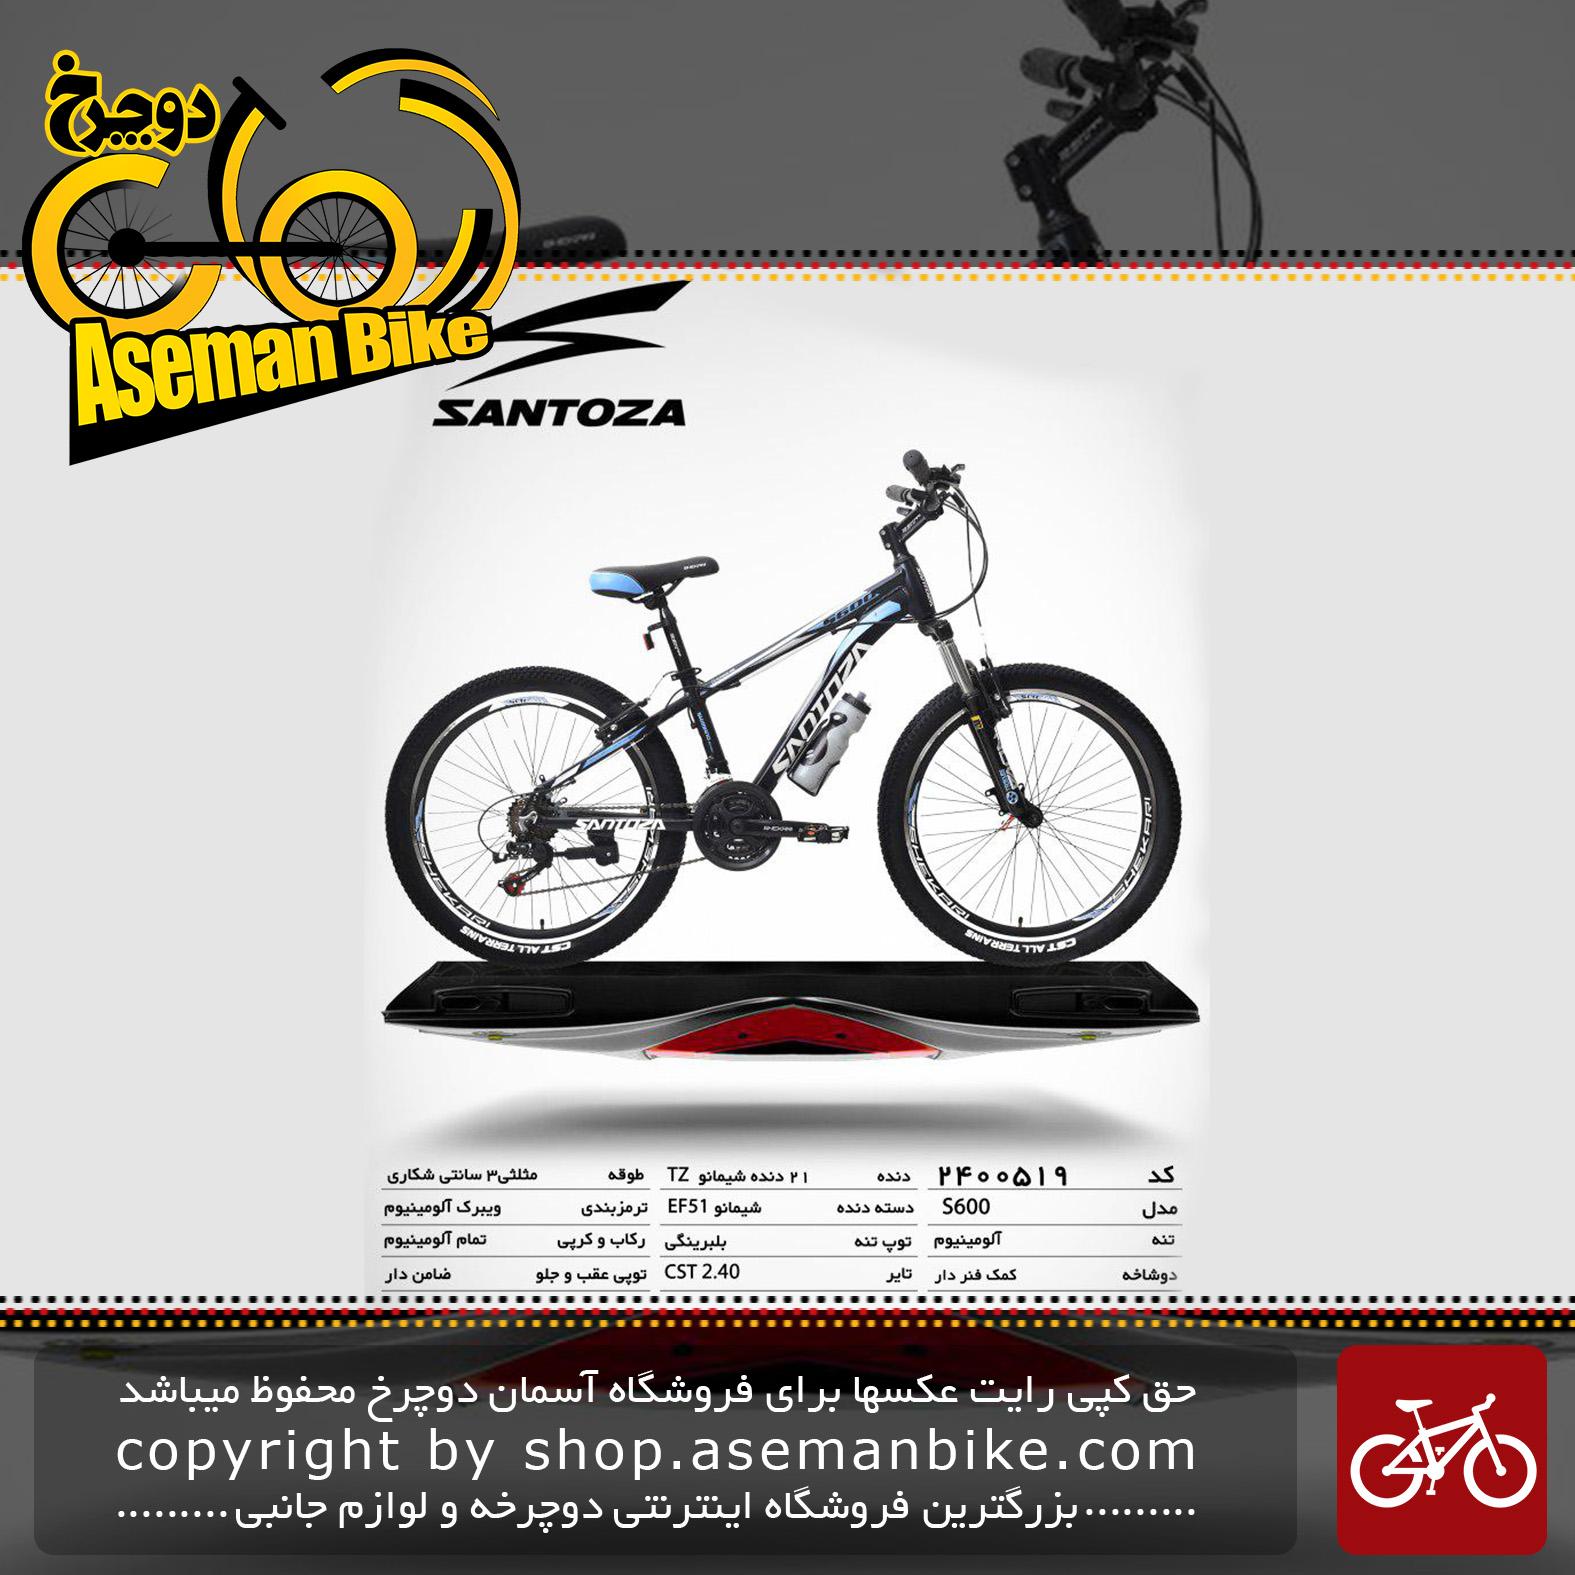 دوچرخه کوهستان سانتوزا 21 دنده شیمانو تورنی تنه آلومینیوم سایز 24مدل اس600 santoza bicycle 24 21 speed shimano tourney tz aluminum vb s6000 2019